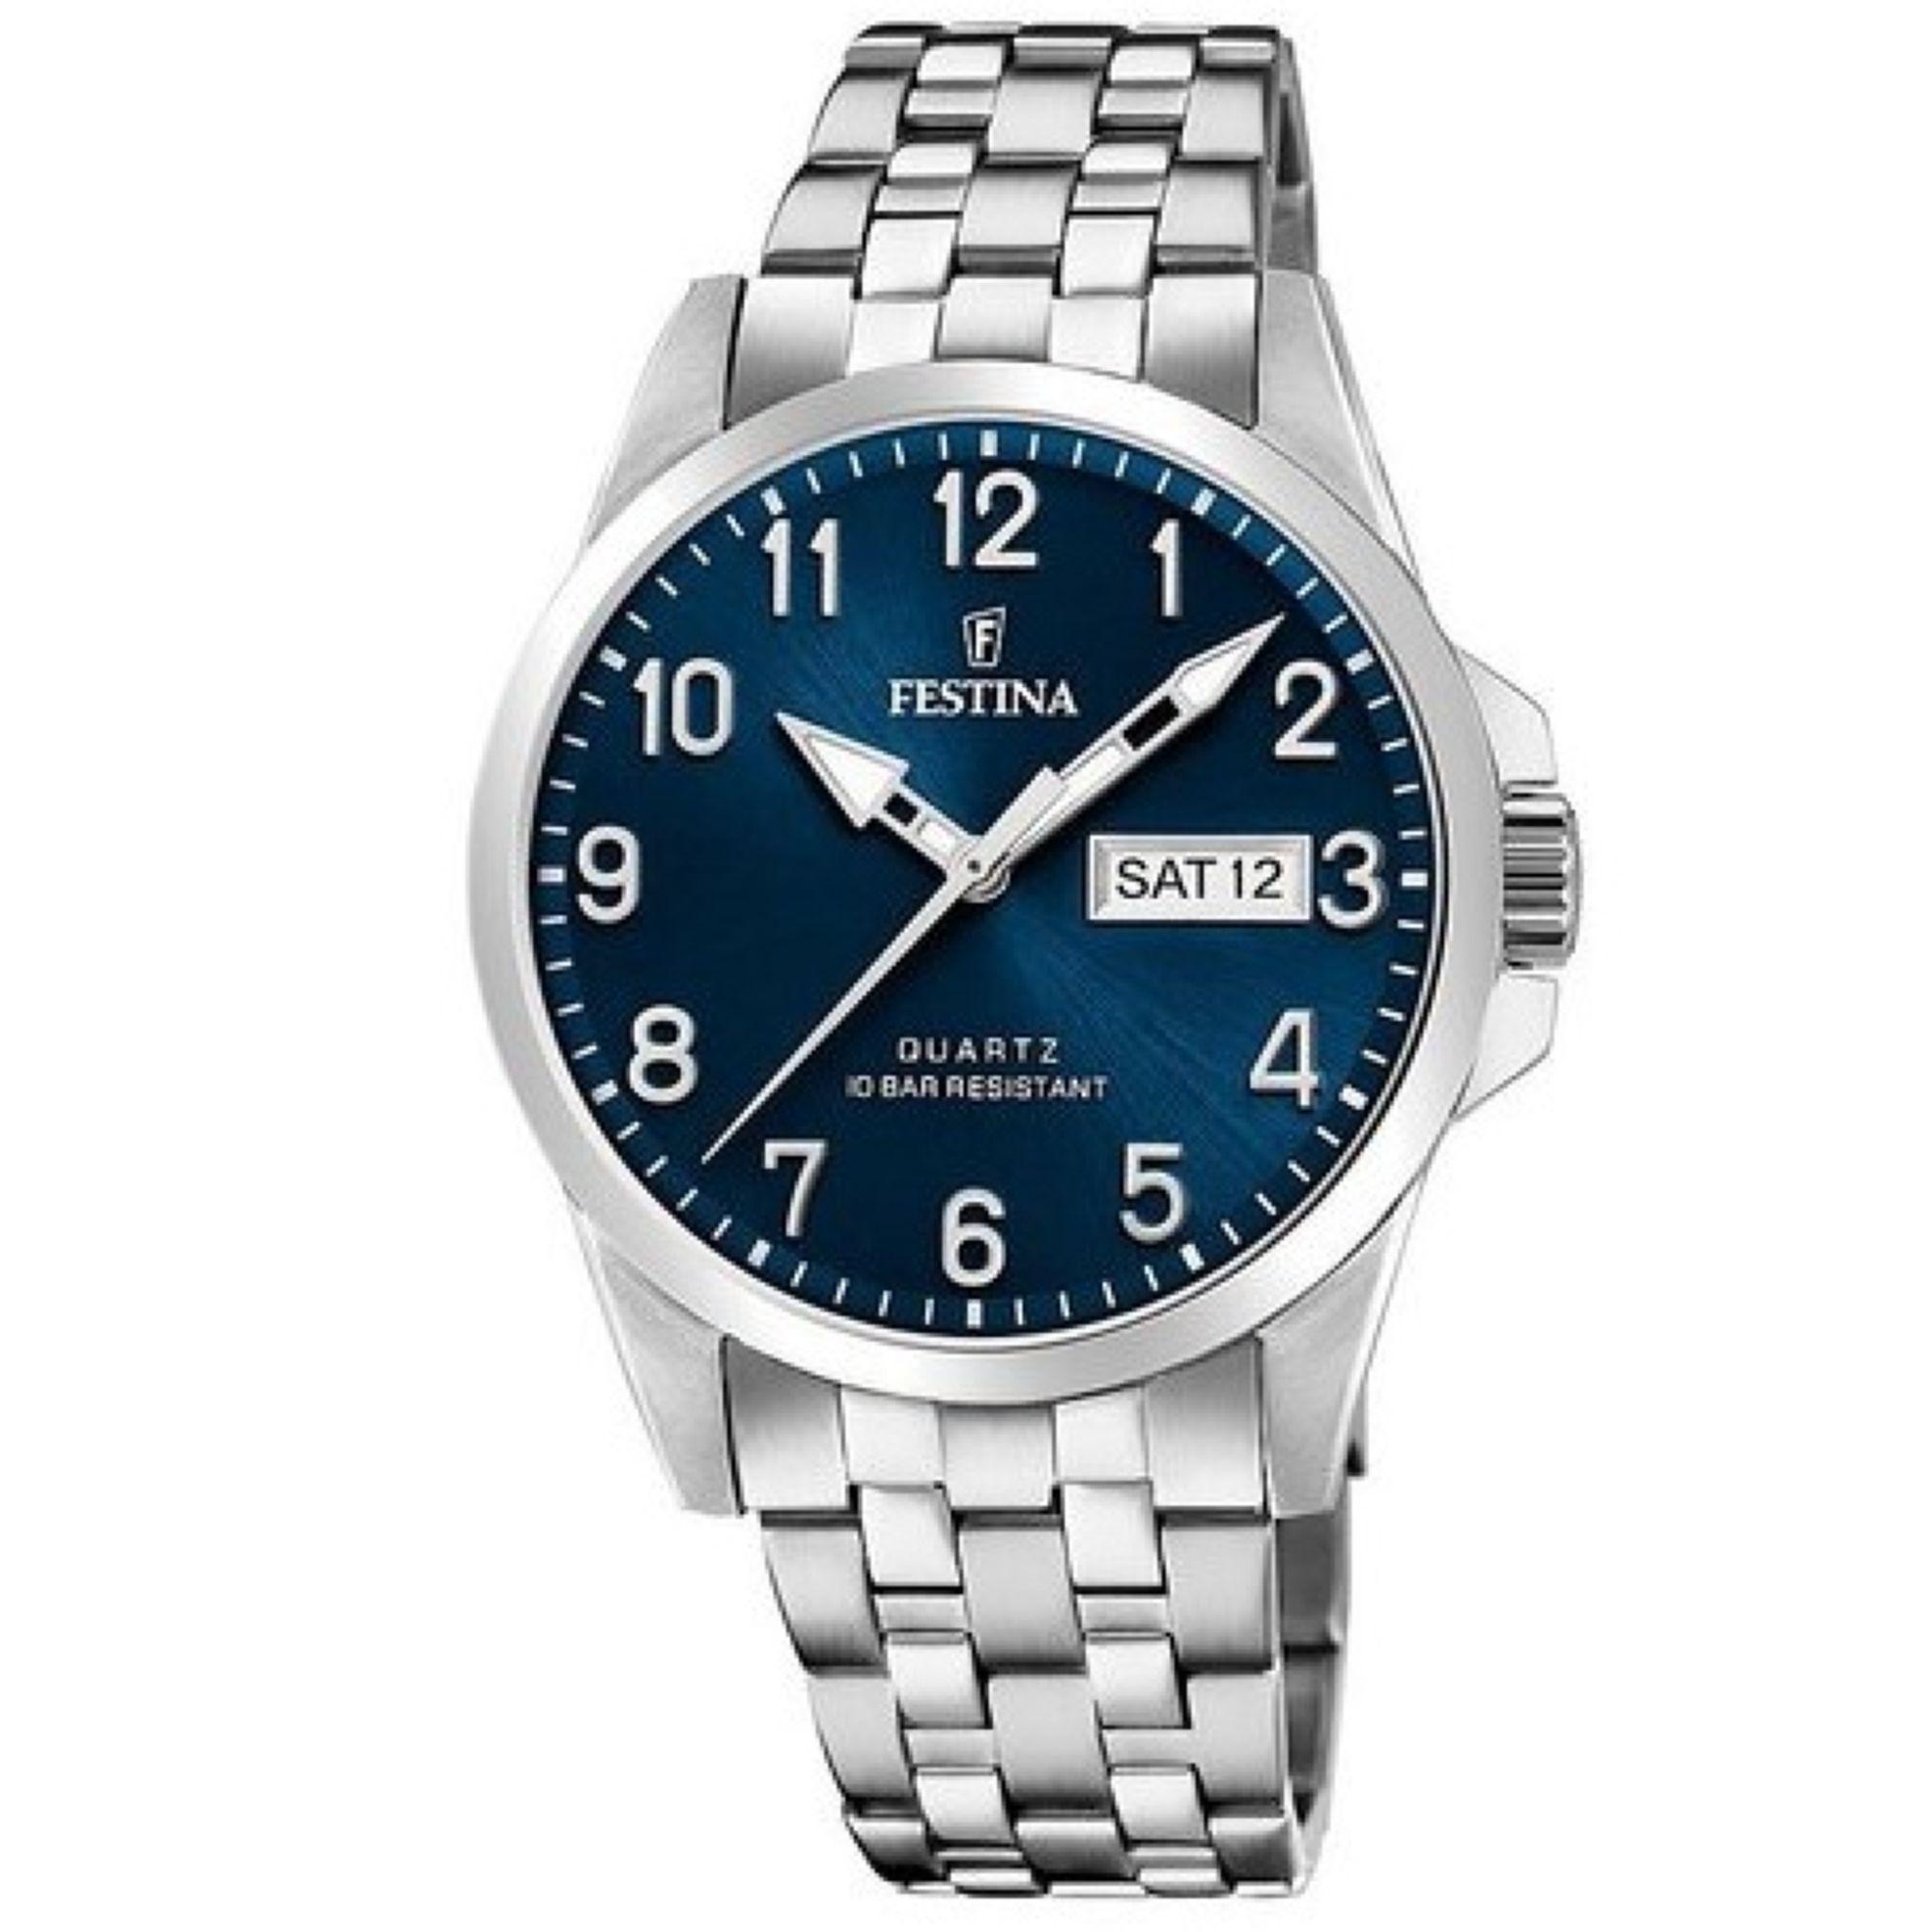 Ρολόι Festina με Μπλέ Καντράν F20357/D + Δώρο Βραχιόλι